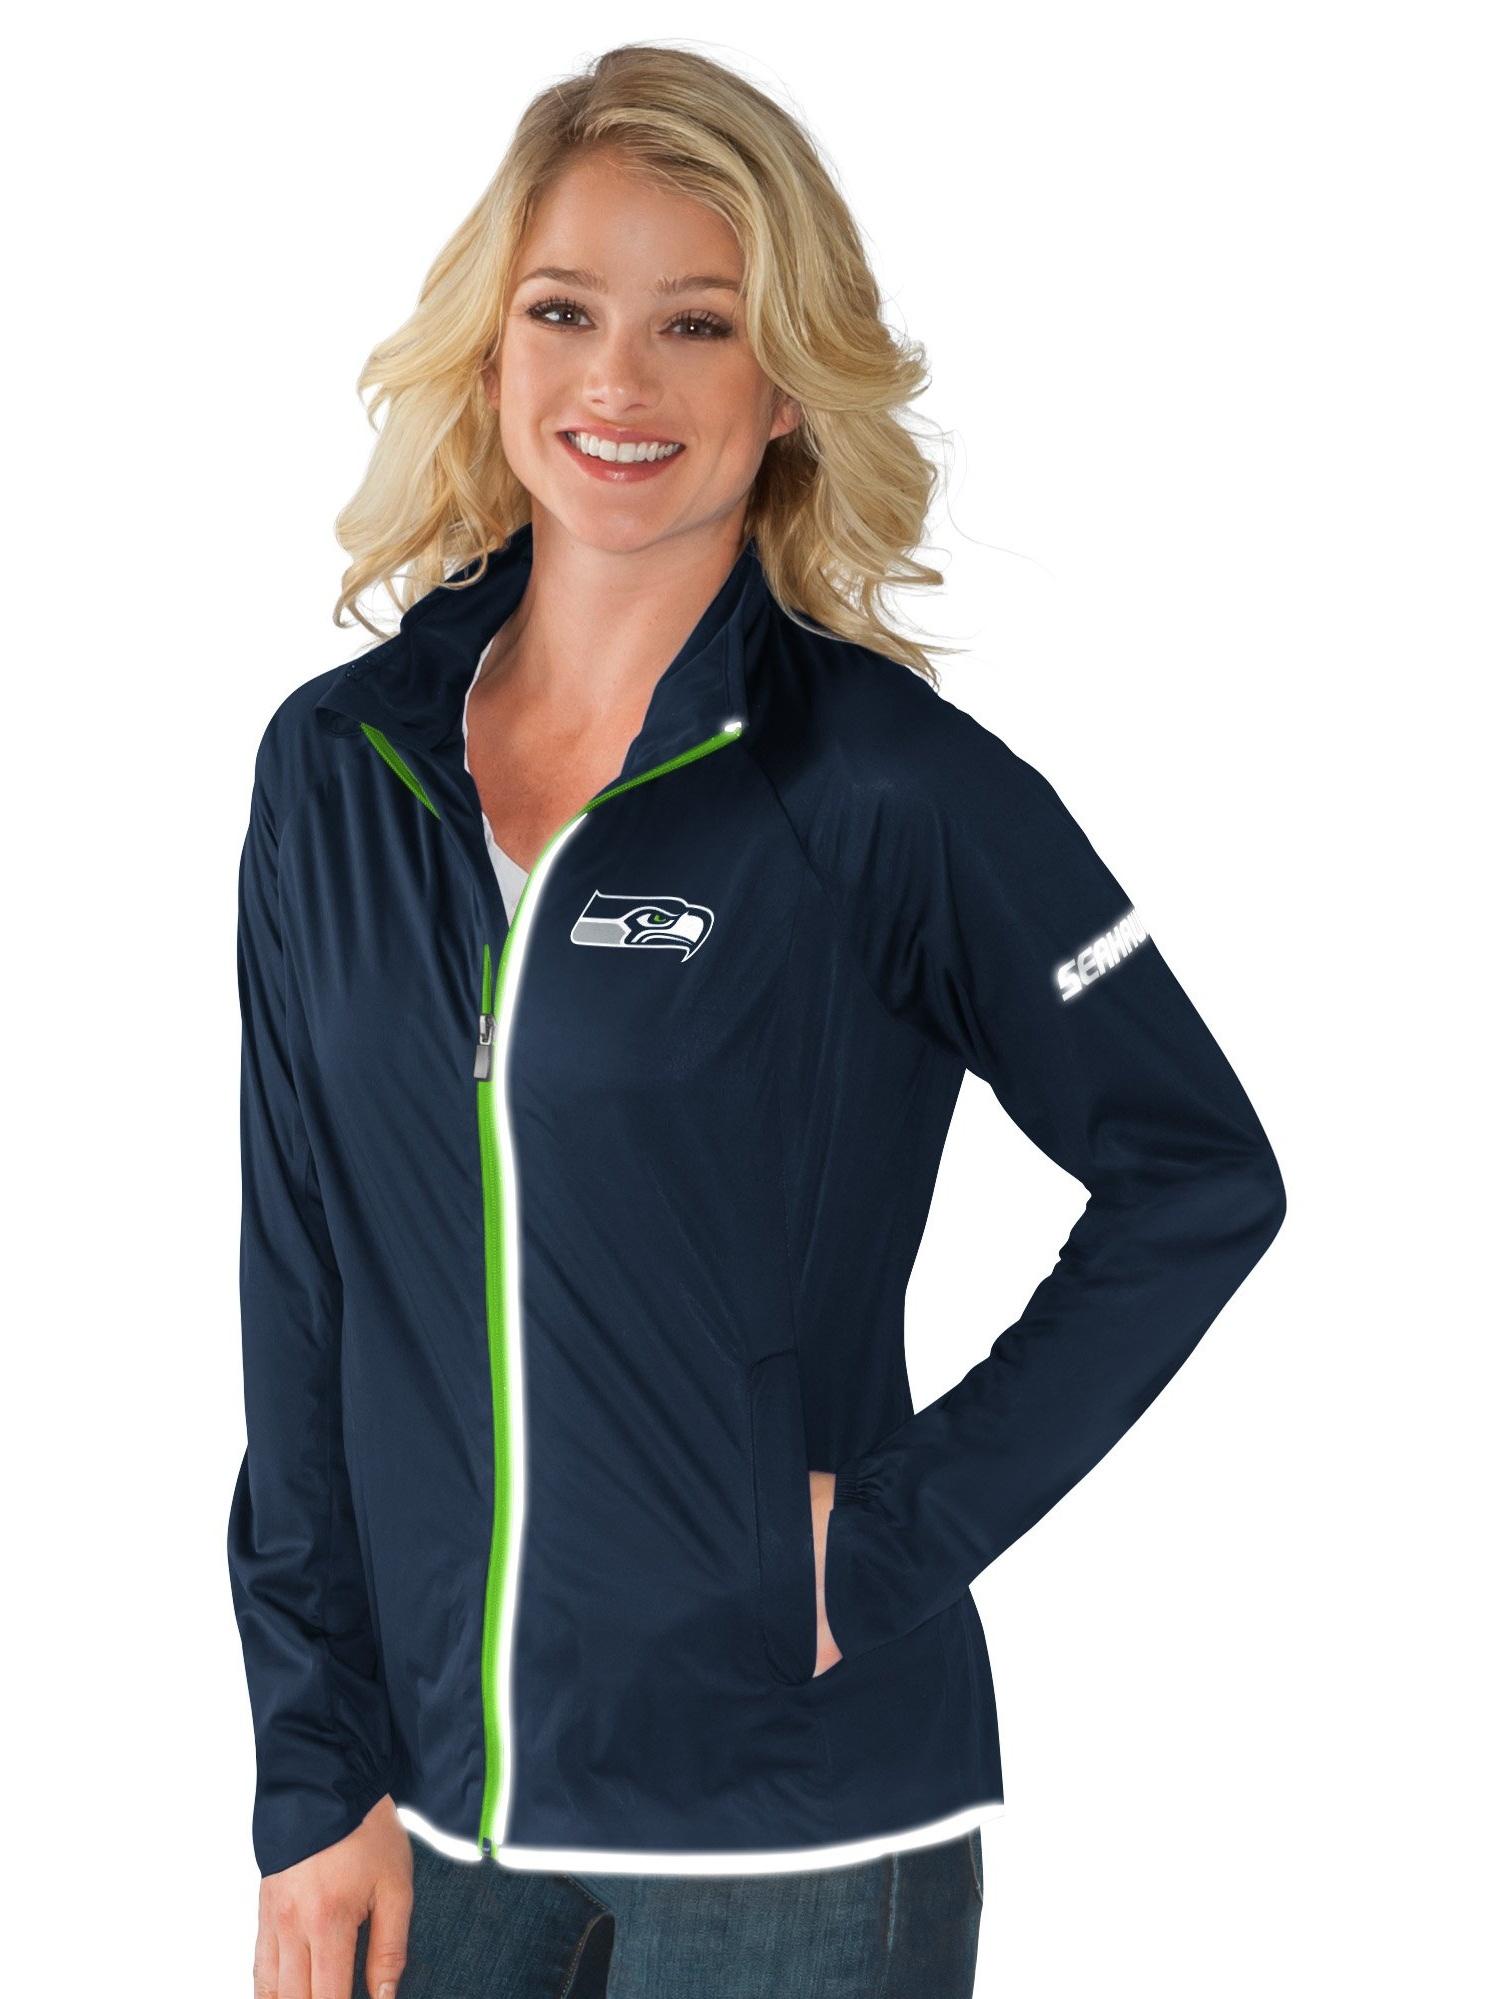 Seattle Seahawks Team Colors Full Zip Women's Track Jacket by G-III Sports